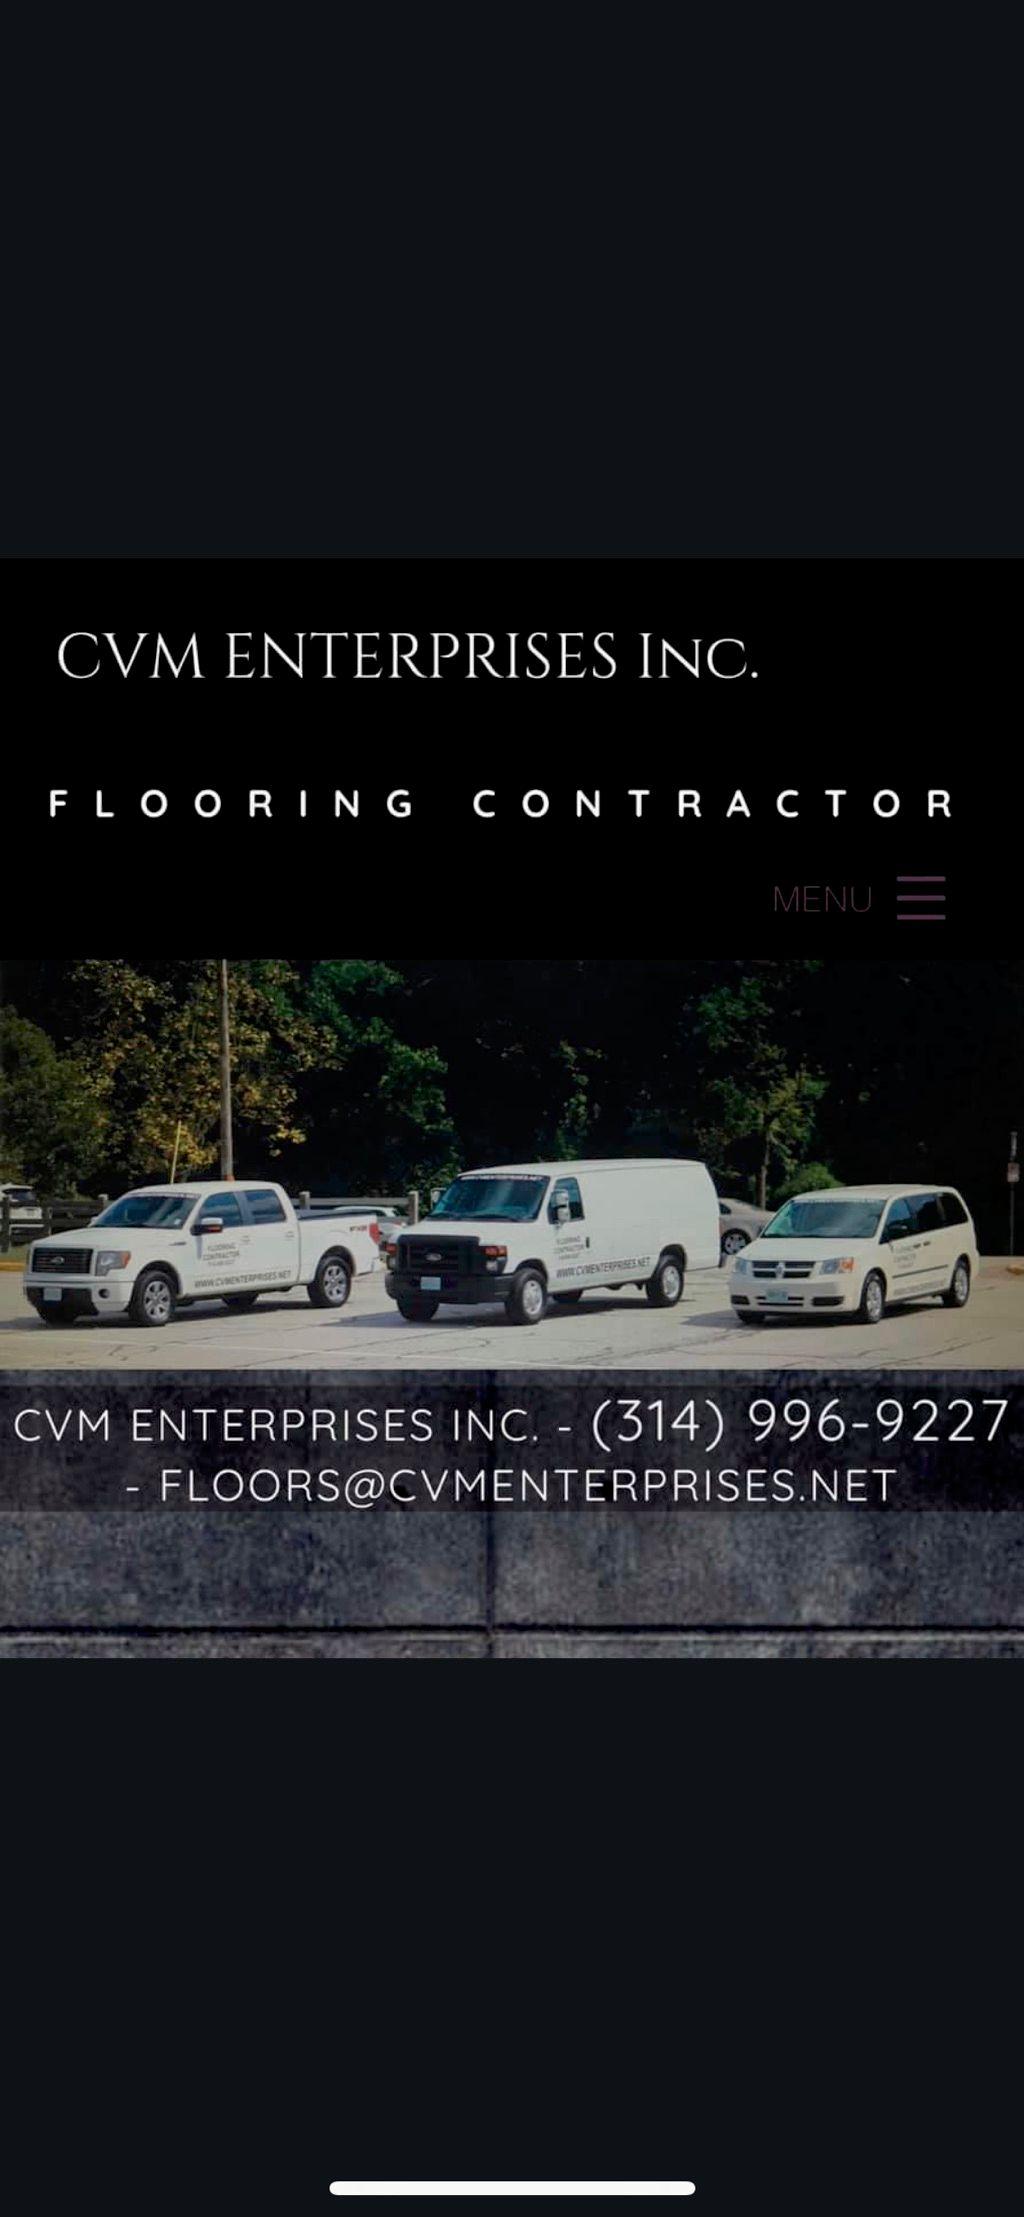 CVM Enterprises Inc.